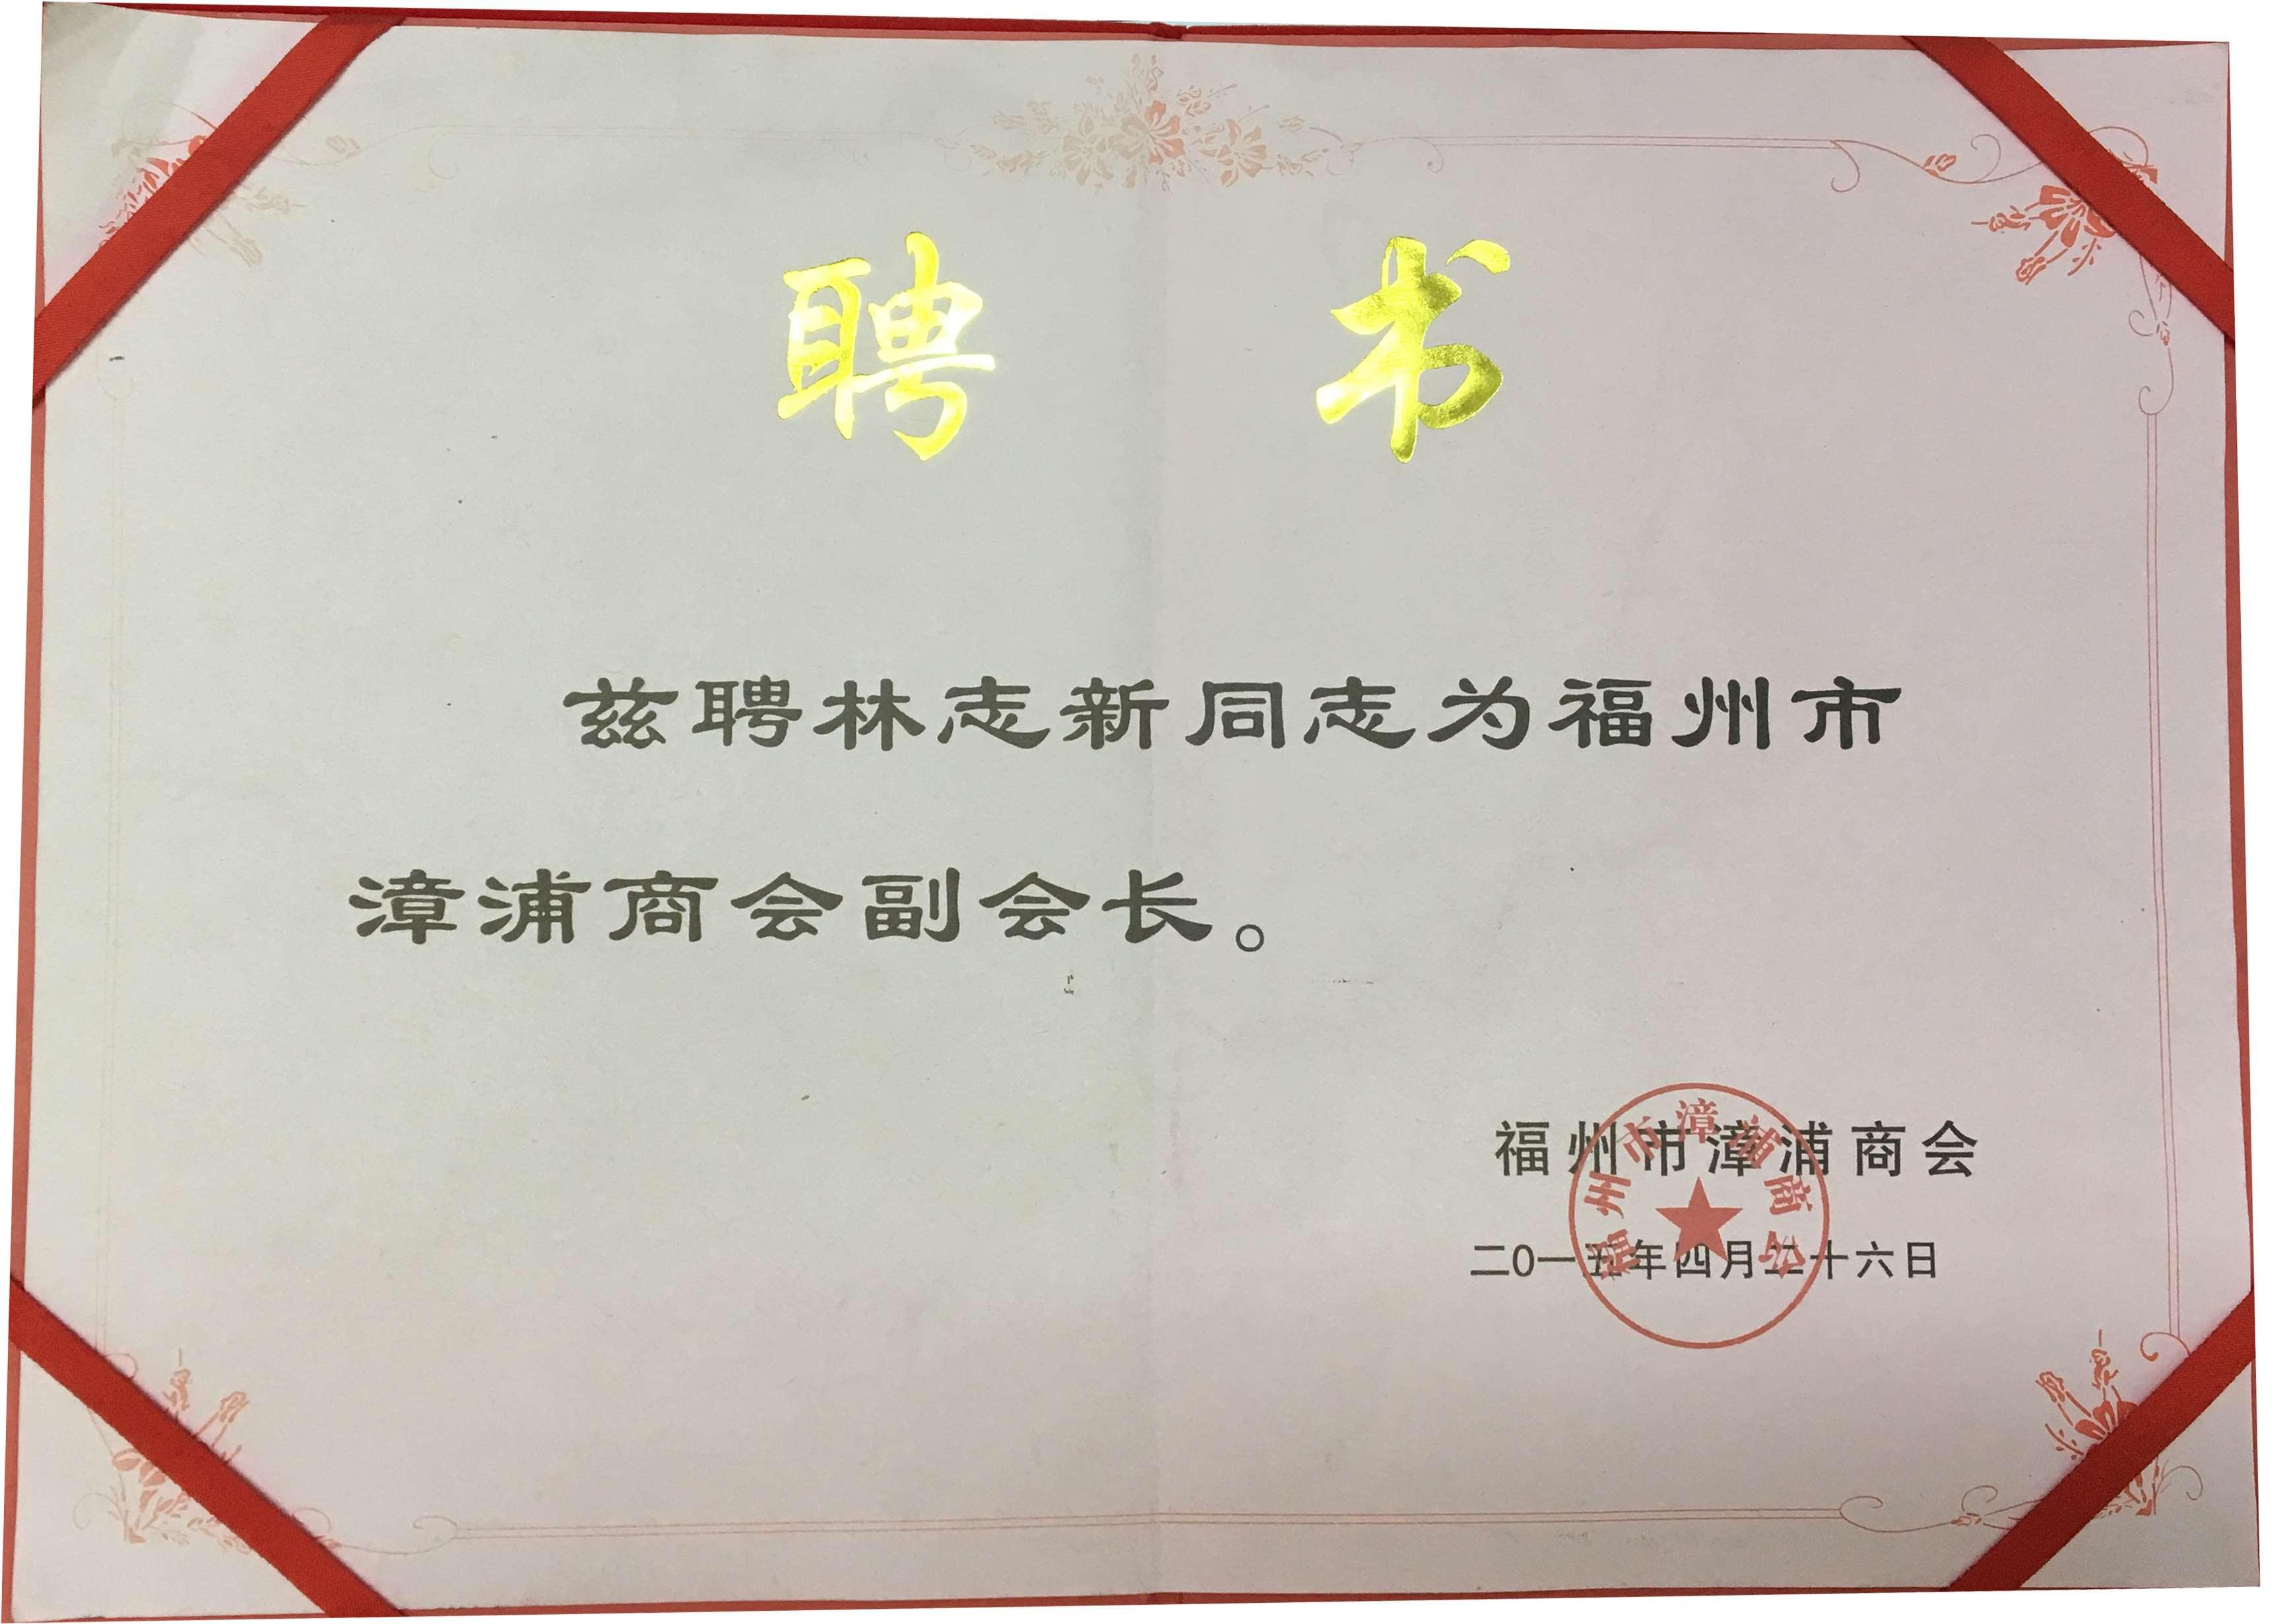 漳浦市副会长